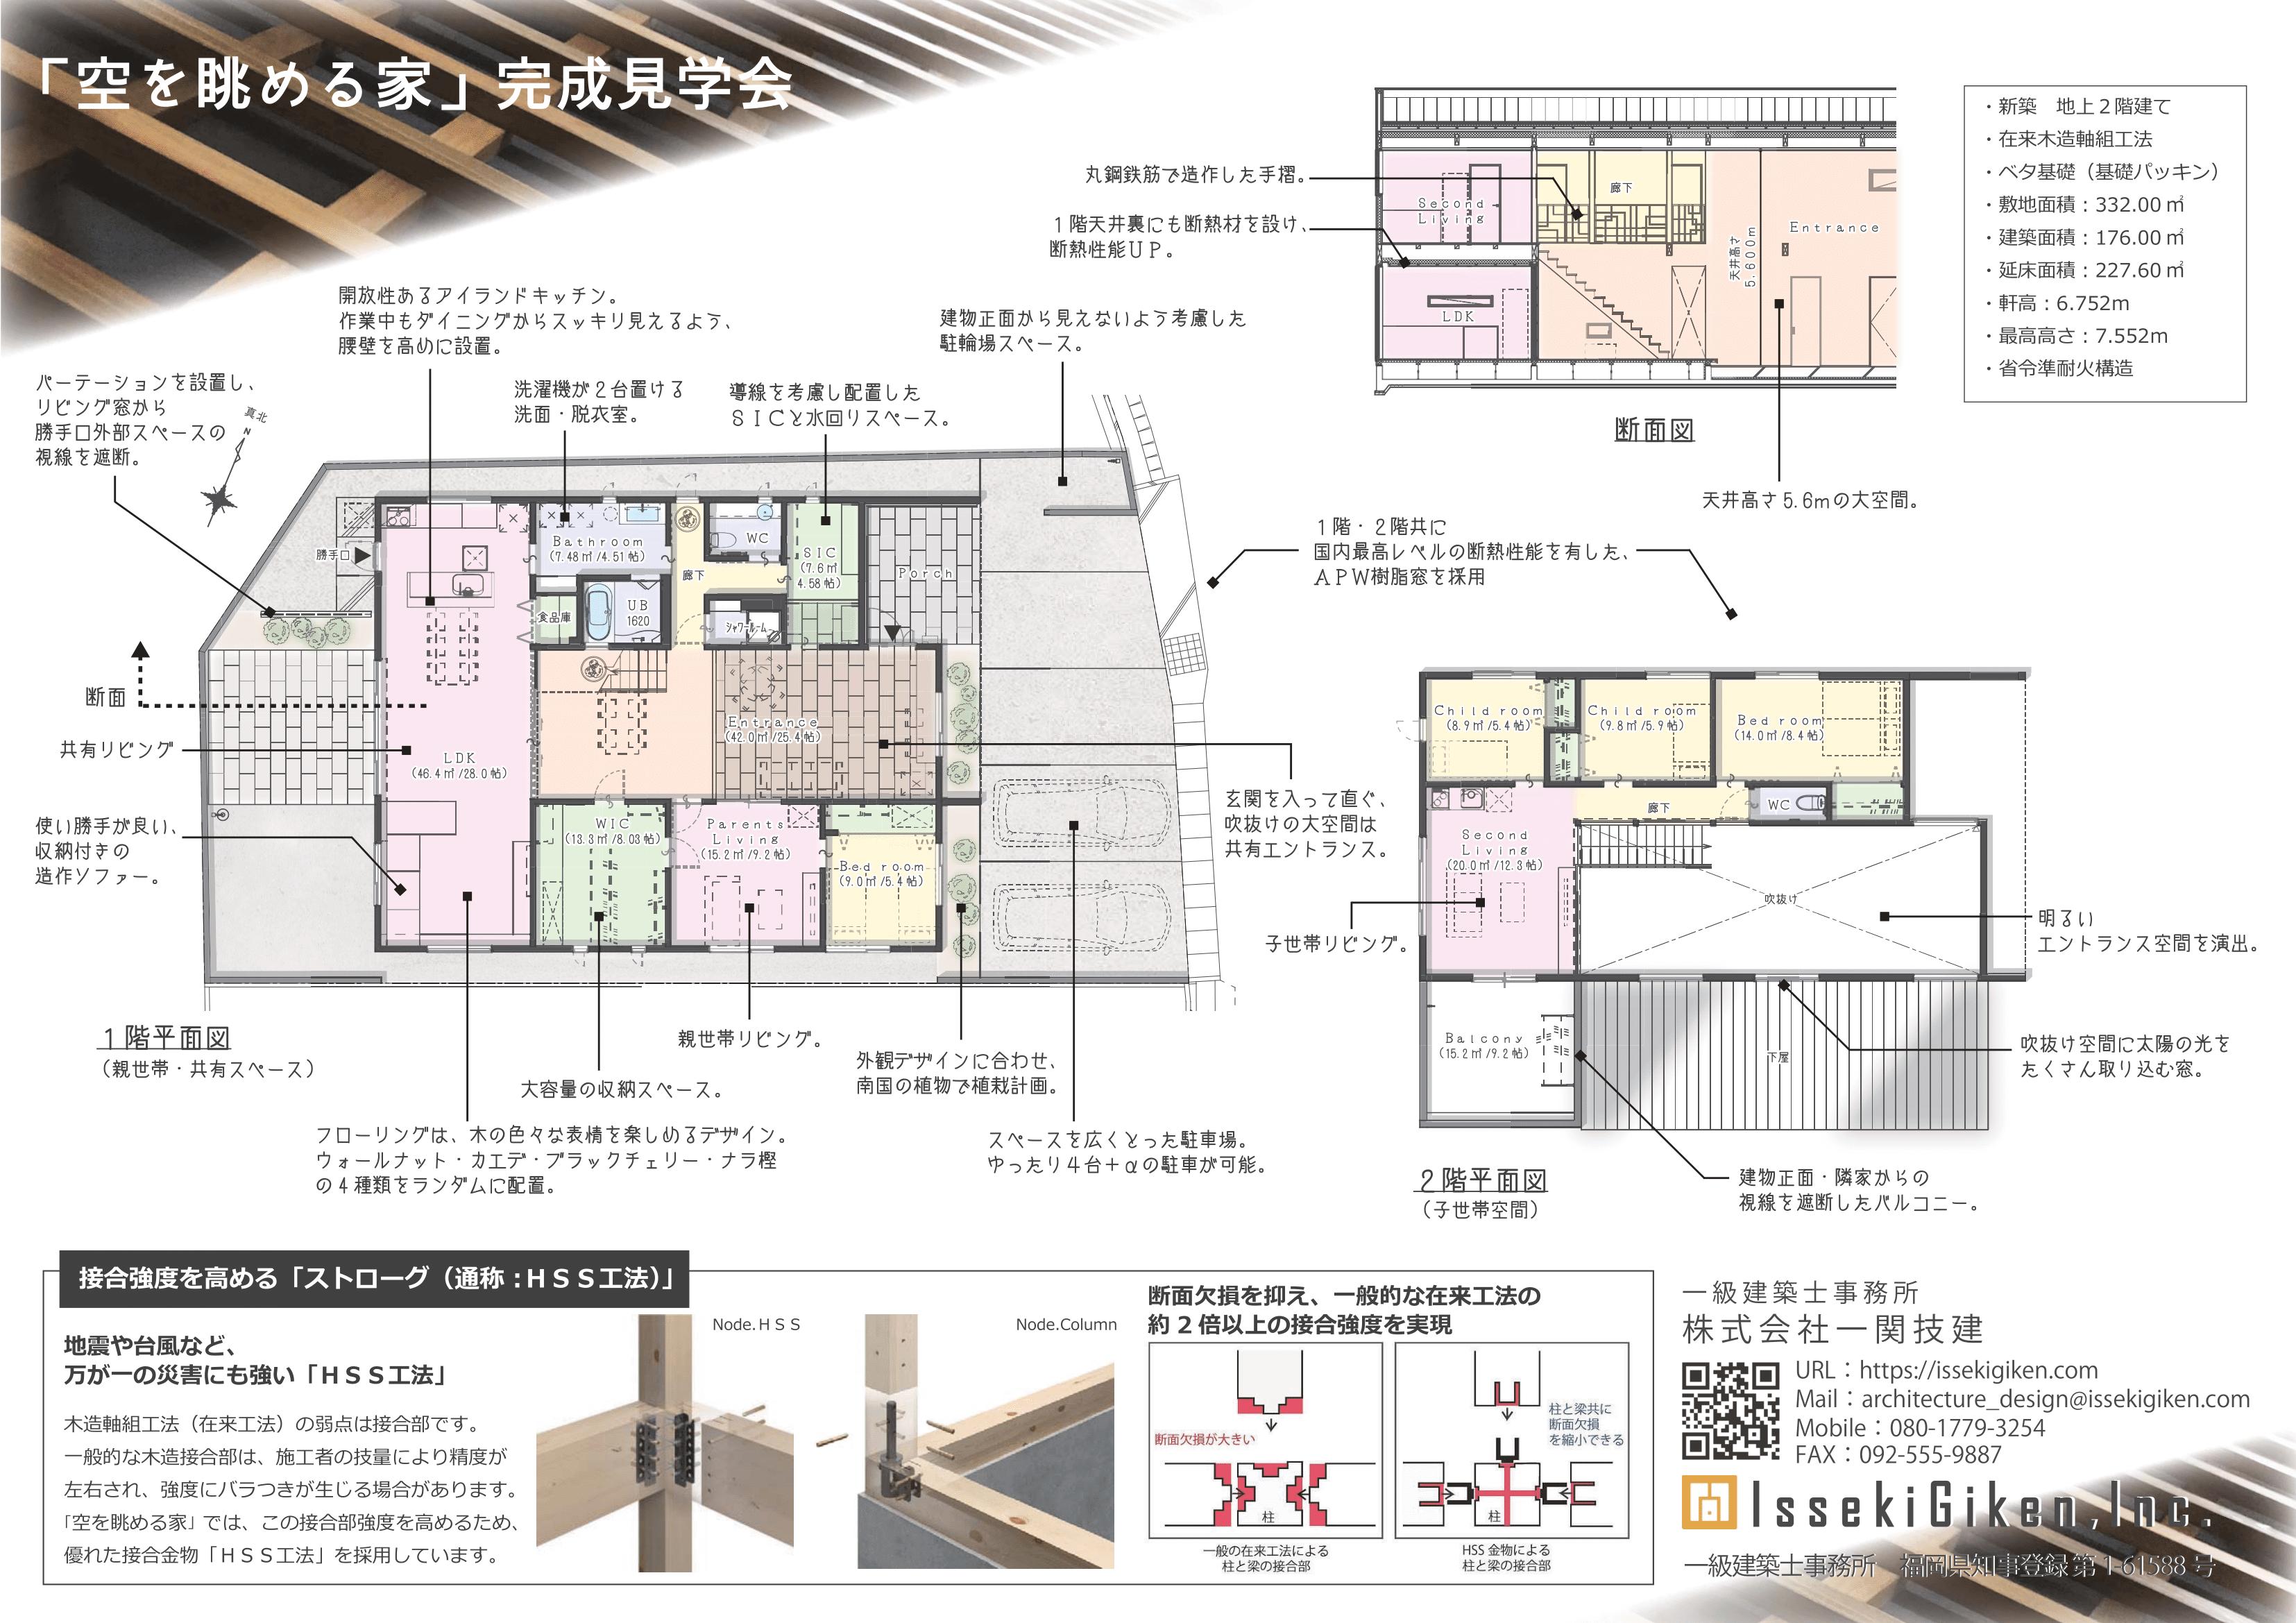 「空を眺める家」完成見学会の案内図面